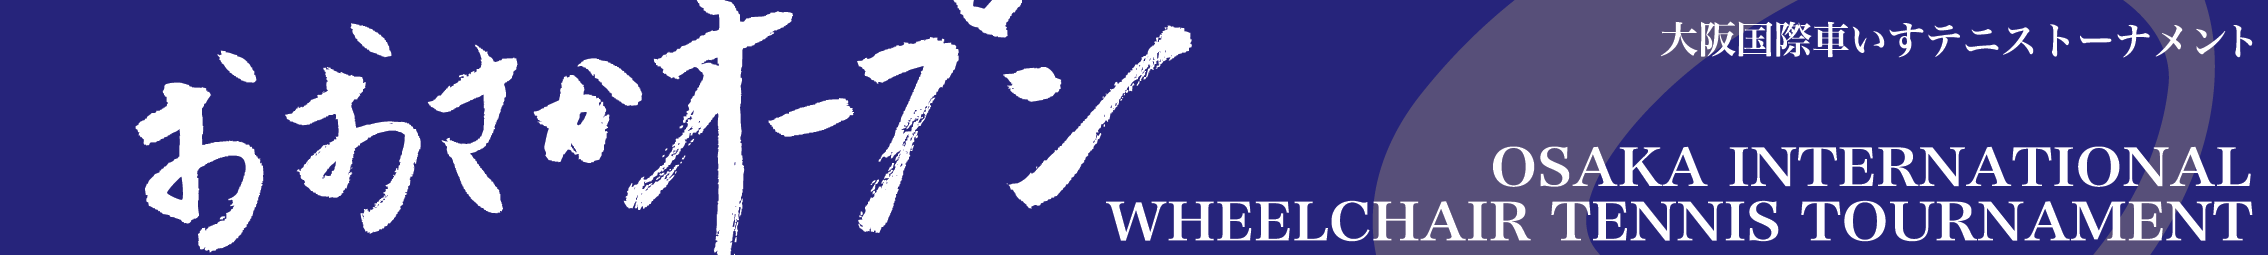 OSAKA OPEN / 大阪国際車いすテニストーナメント